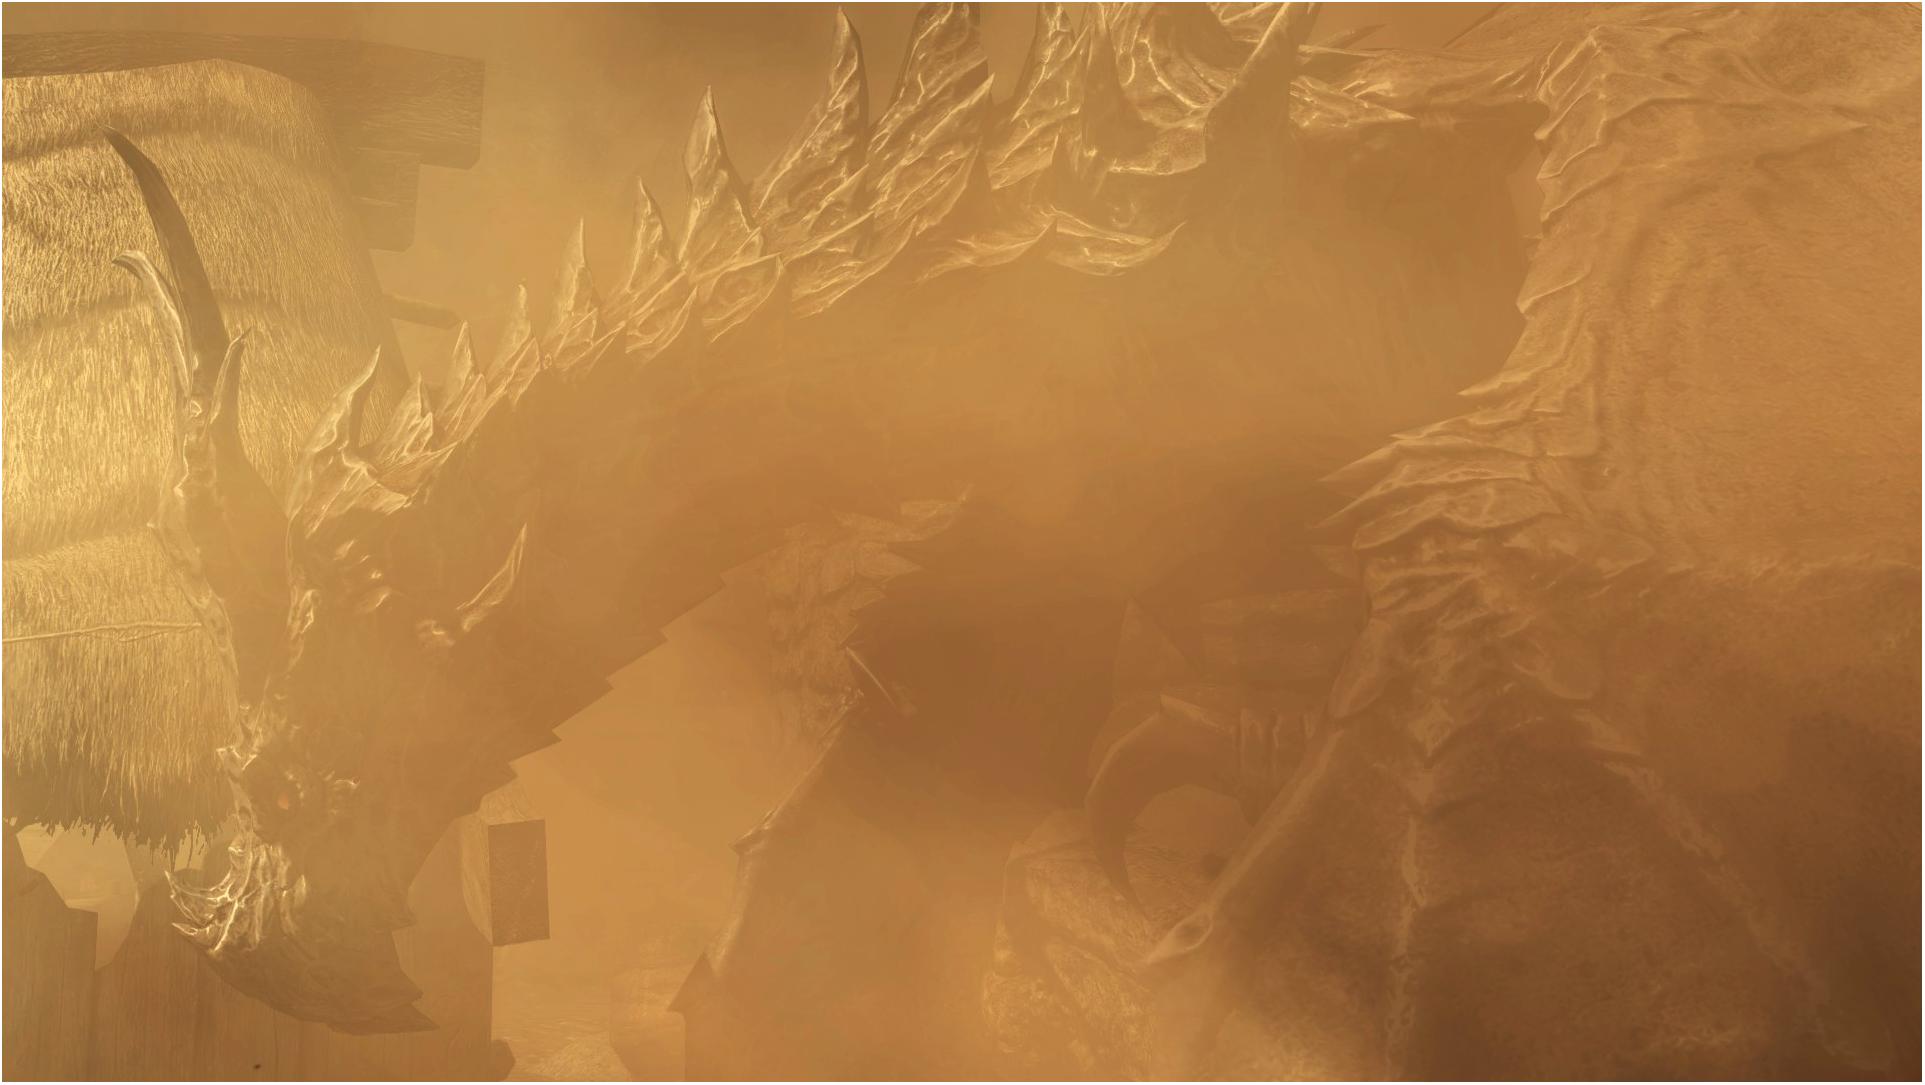 Elder Scrolls V Skyrim_0059_JTC.png